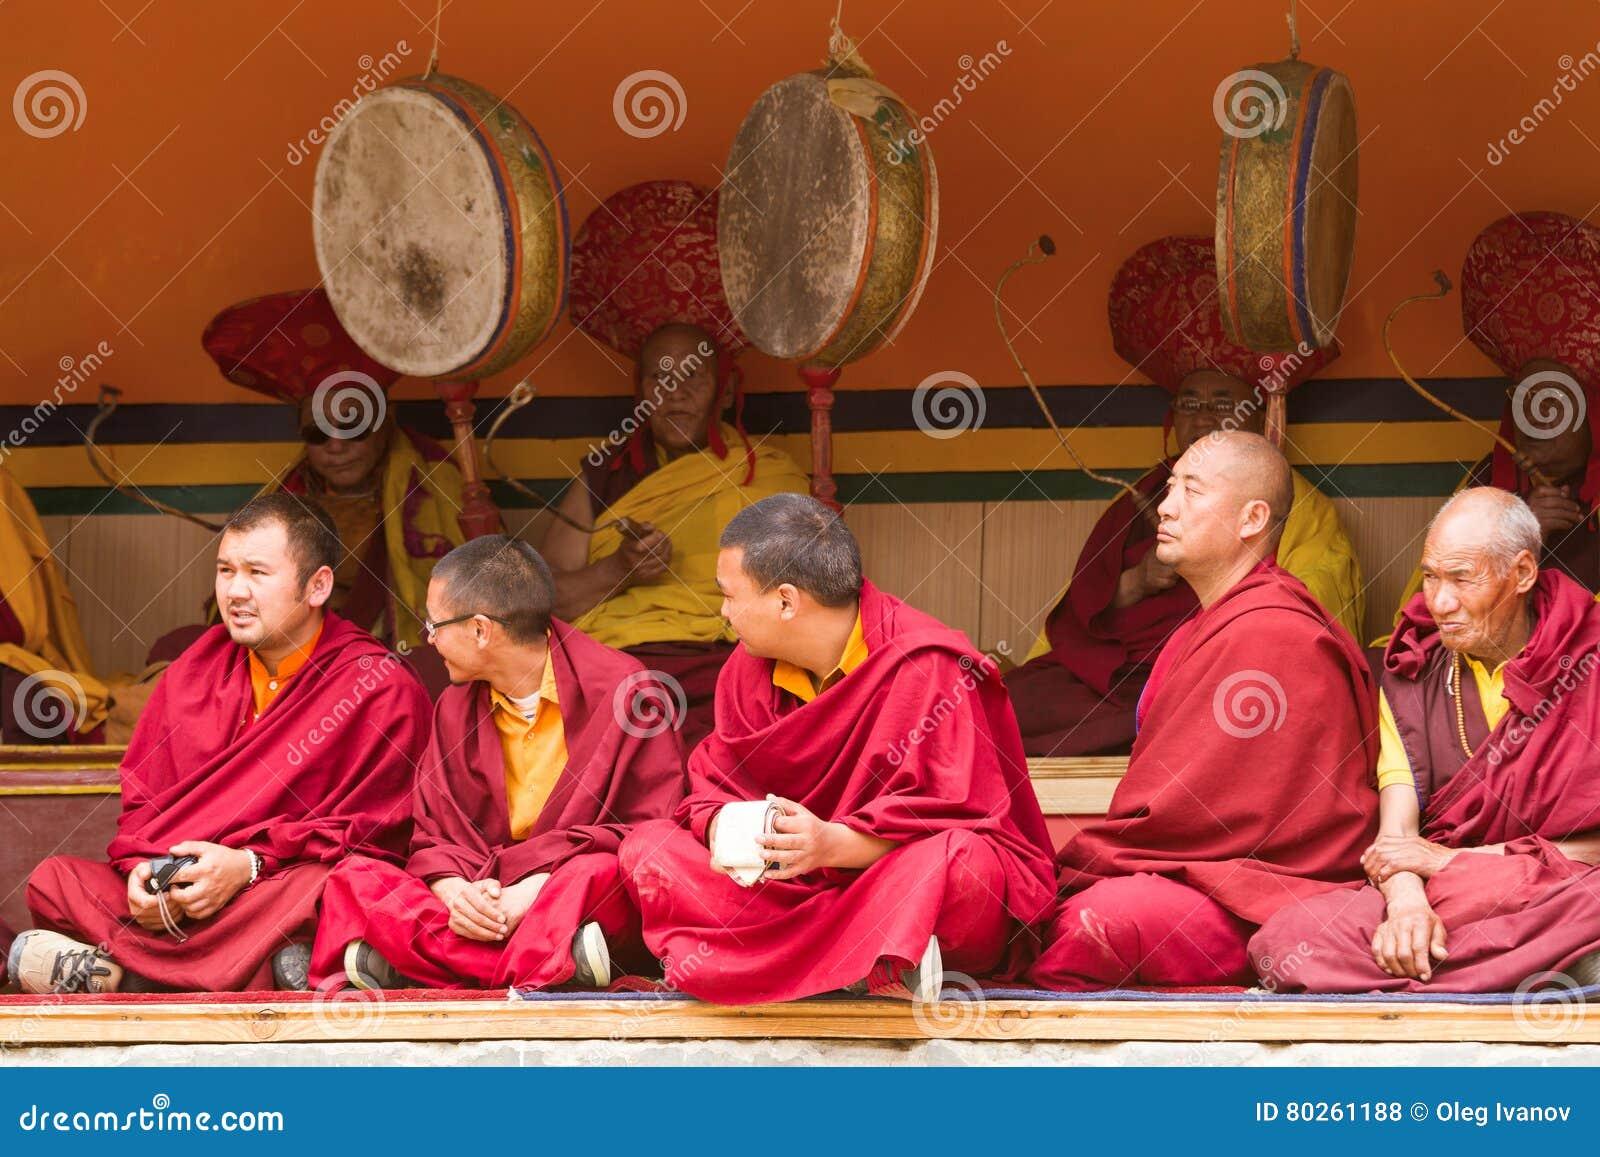 Monjes como espectadores atentos y baterías rituales del festival lama